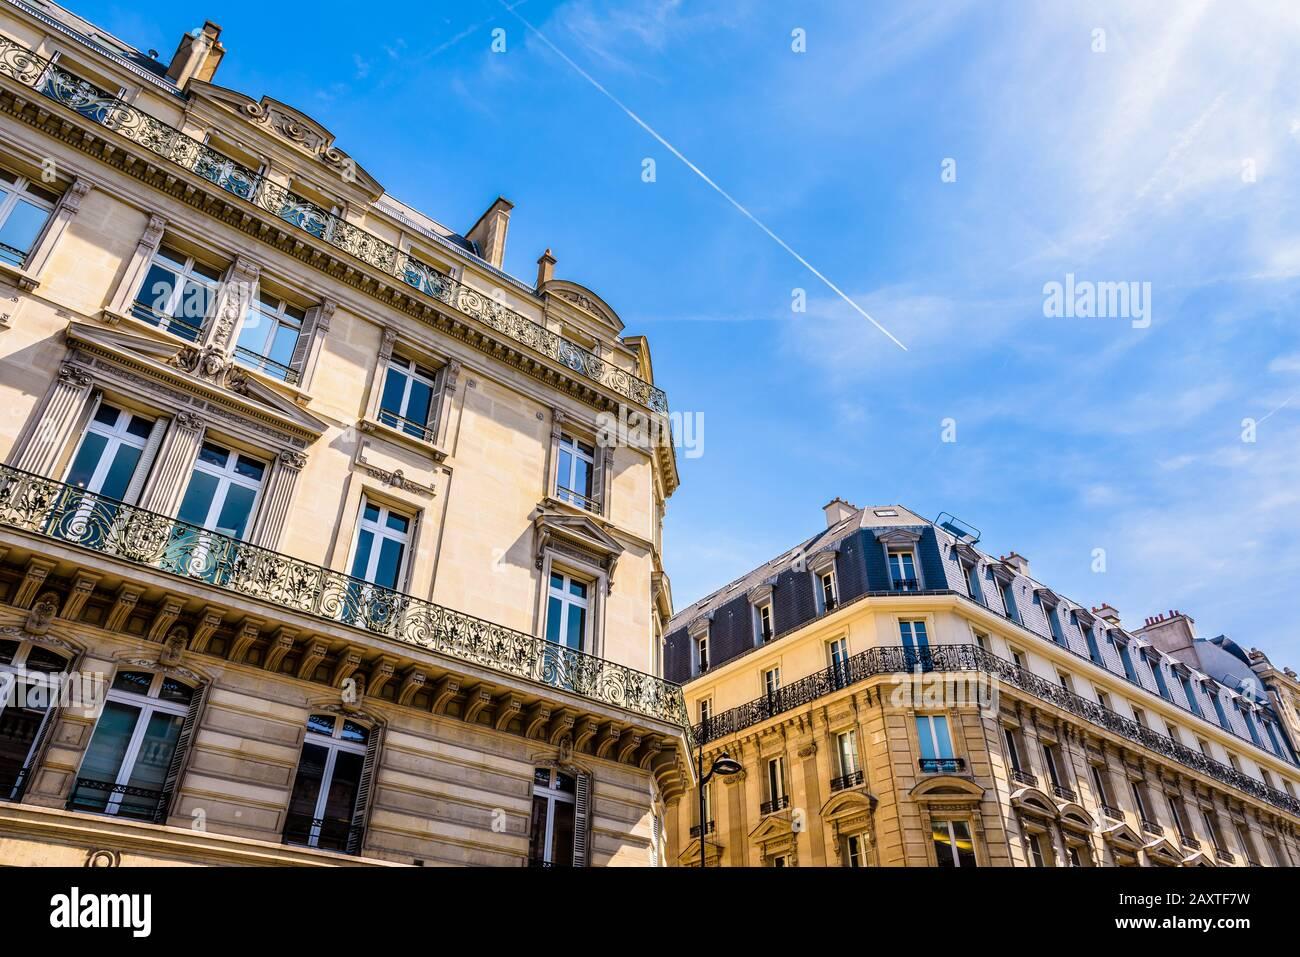 Vue à bas angle des bâtiments résidentiels typiques de style haussmannien dans les quartiers chic de Paris, France, par une journée ensoleillée contre le ciel bleu. Banque D'Images